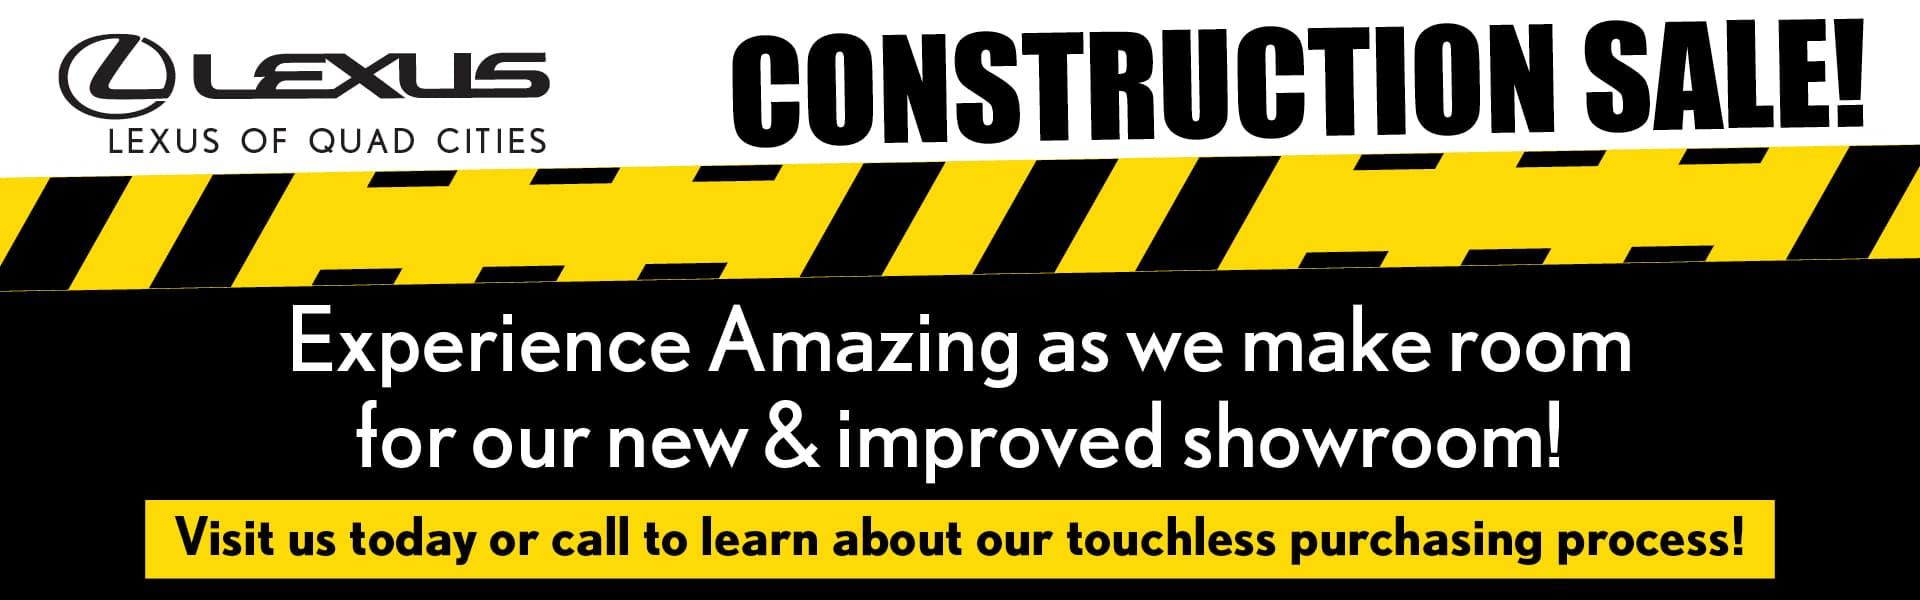 Construction_Sale